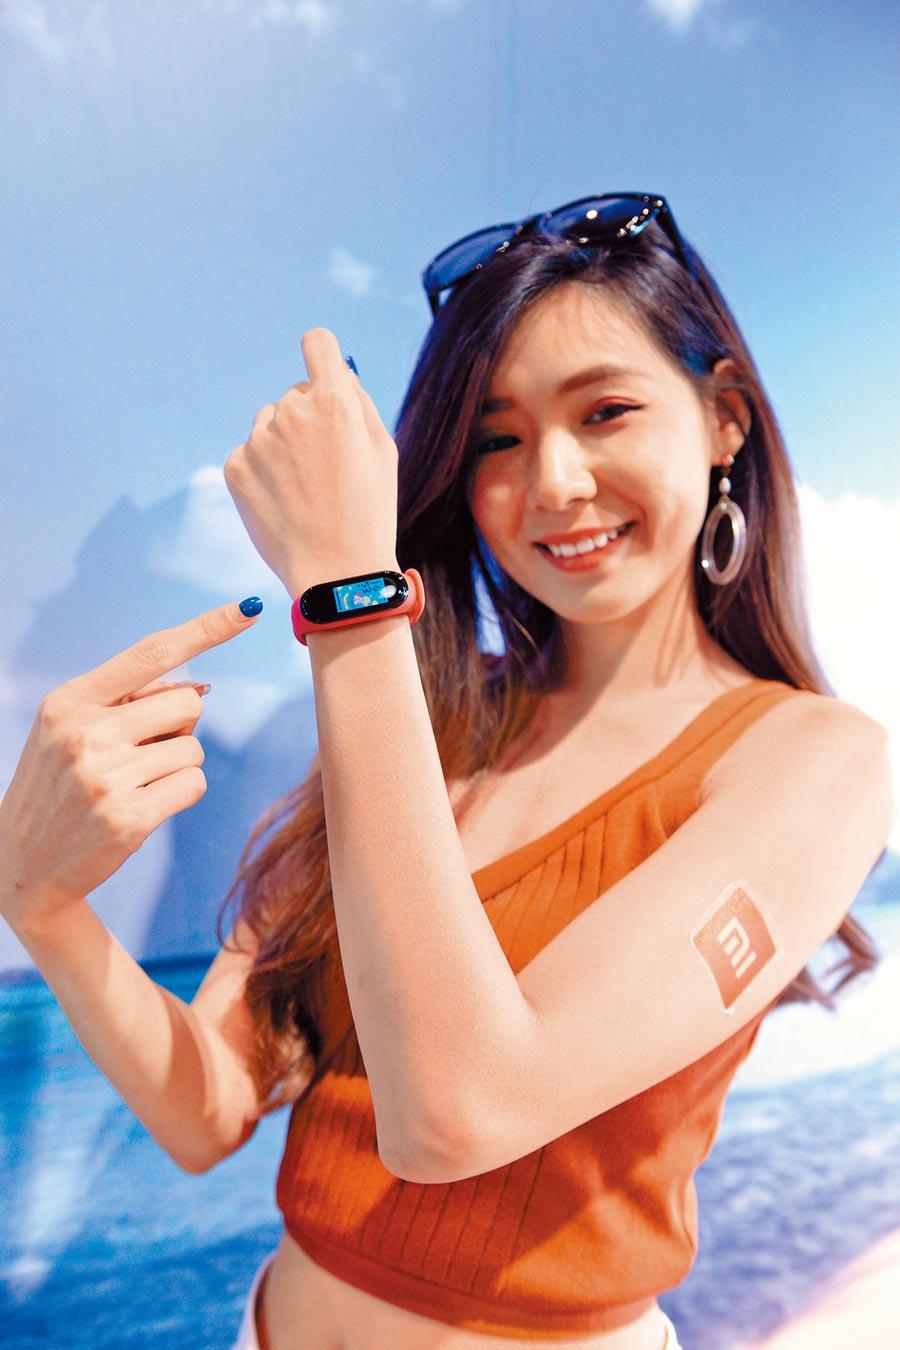 新光三越「小米專賣店」熱銷冠軍是小米手環4,865元。(本報資料照片)